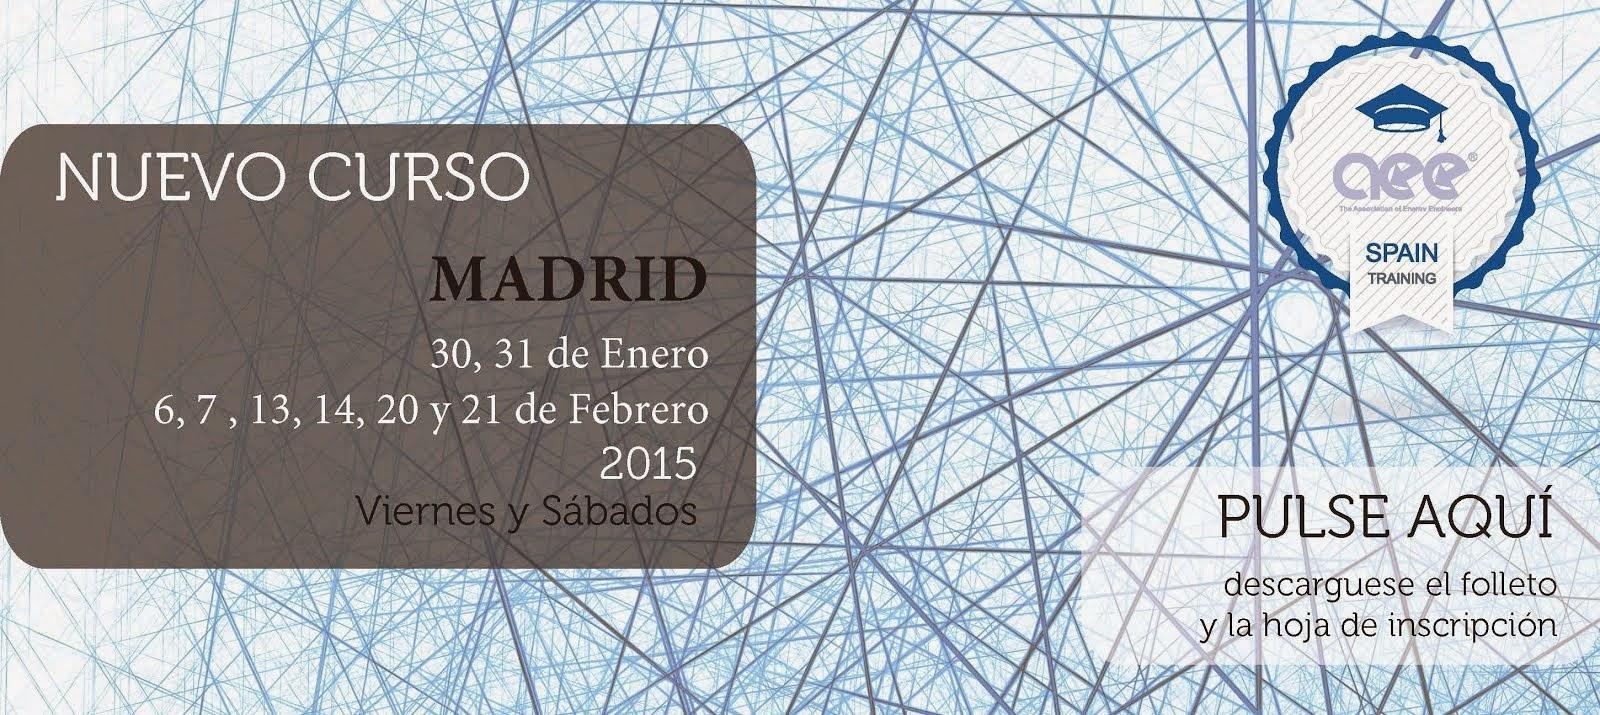 Curso CEM Madrid Enero 2015